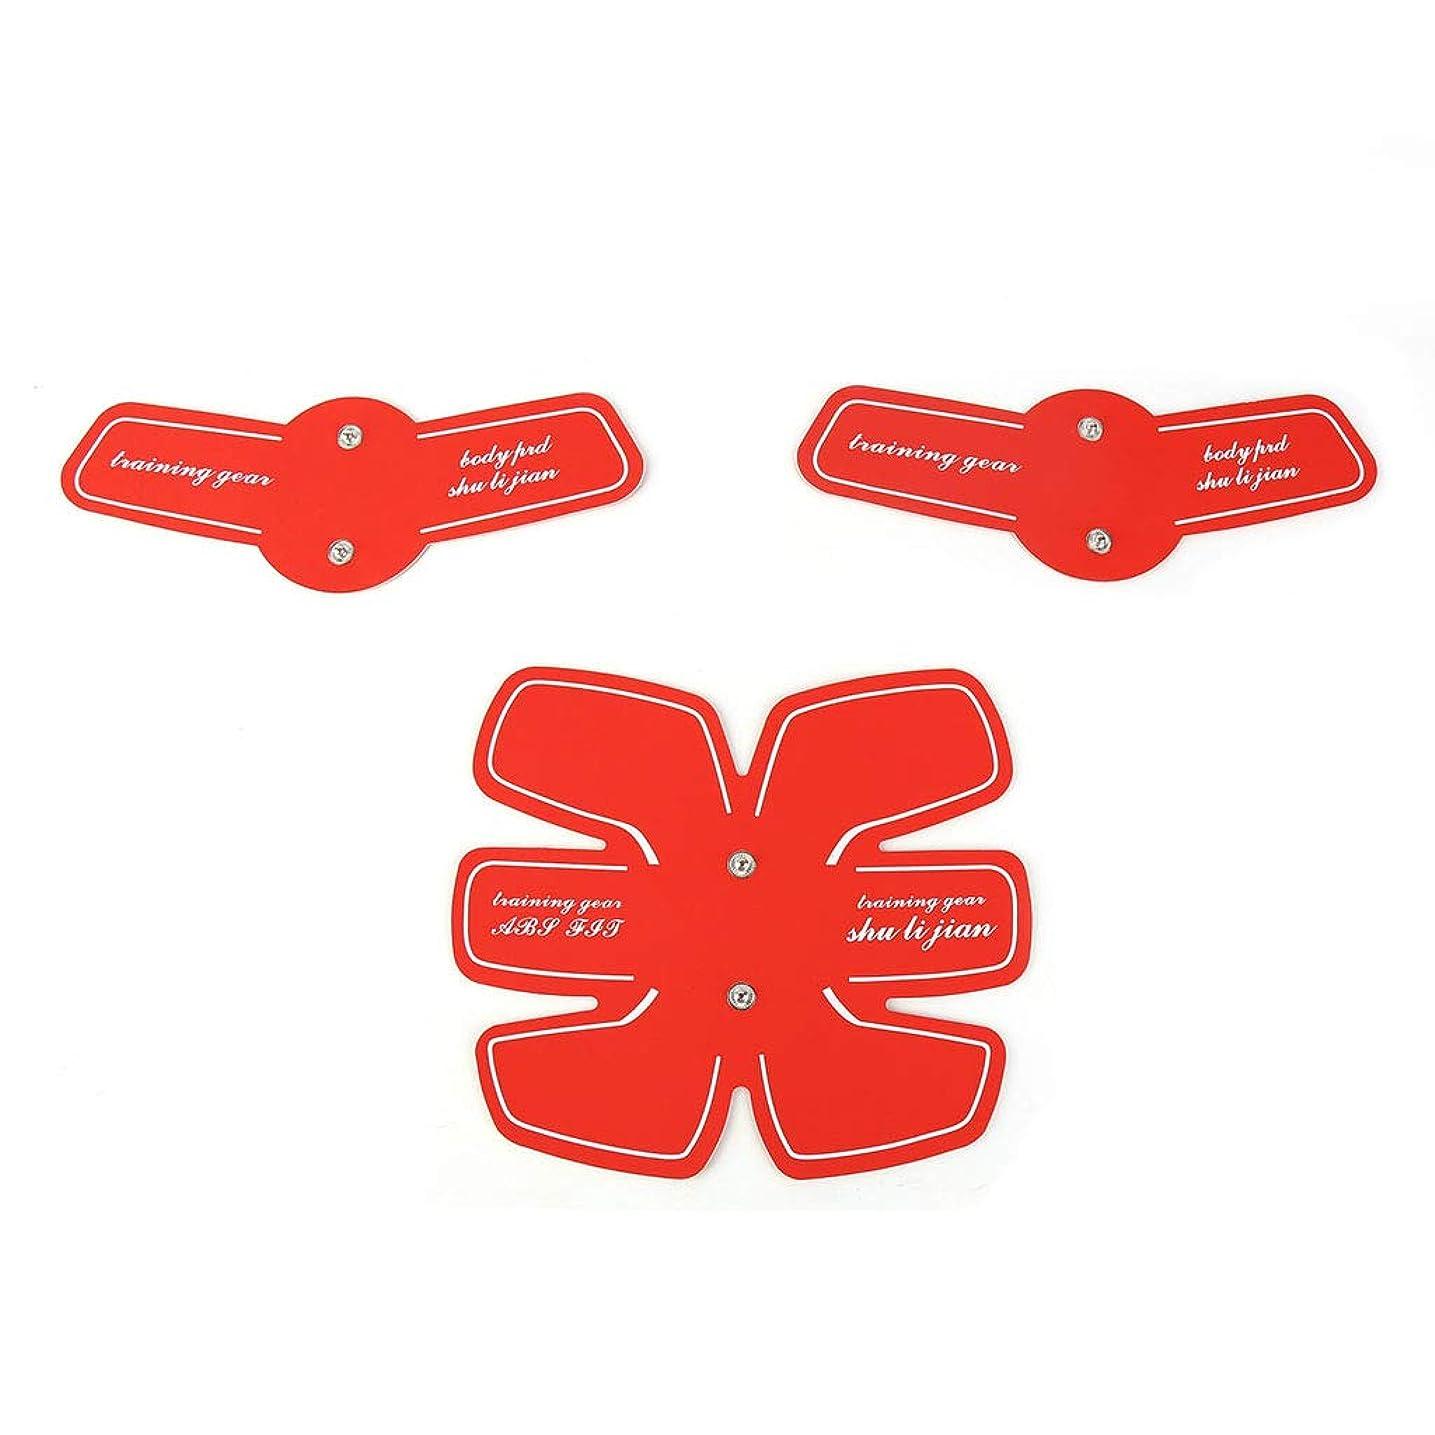 場合実行乙女フィットネス薄いベルト、ホームスマート筋肉トレーニングフィットネス機器腹筋トナー腹カラーベルトトレーナー腹サポートベルトジムトレーニングエクササイズマシンEMS腹筋トレーナー腹筋 (Color : RED, Size : 19*20CM)